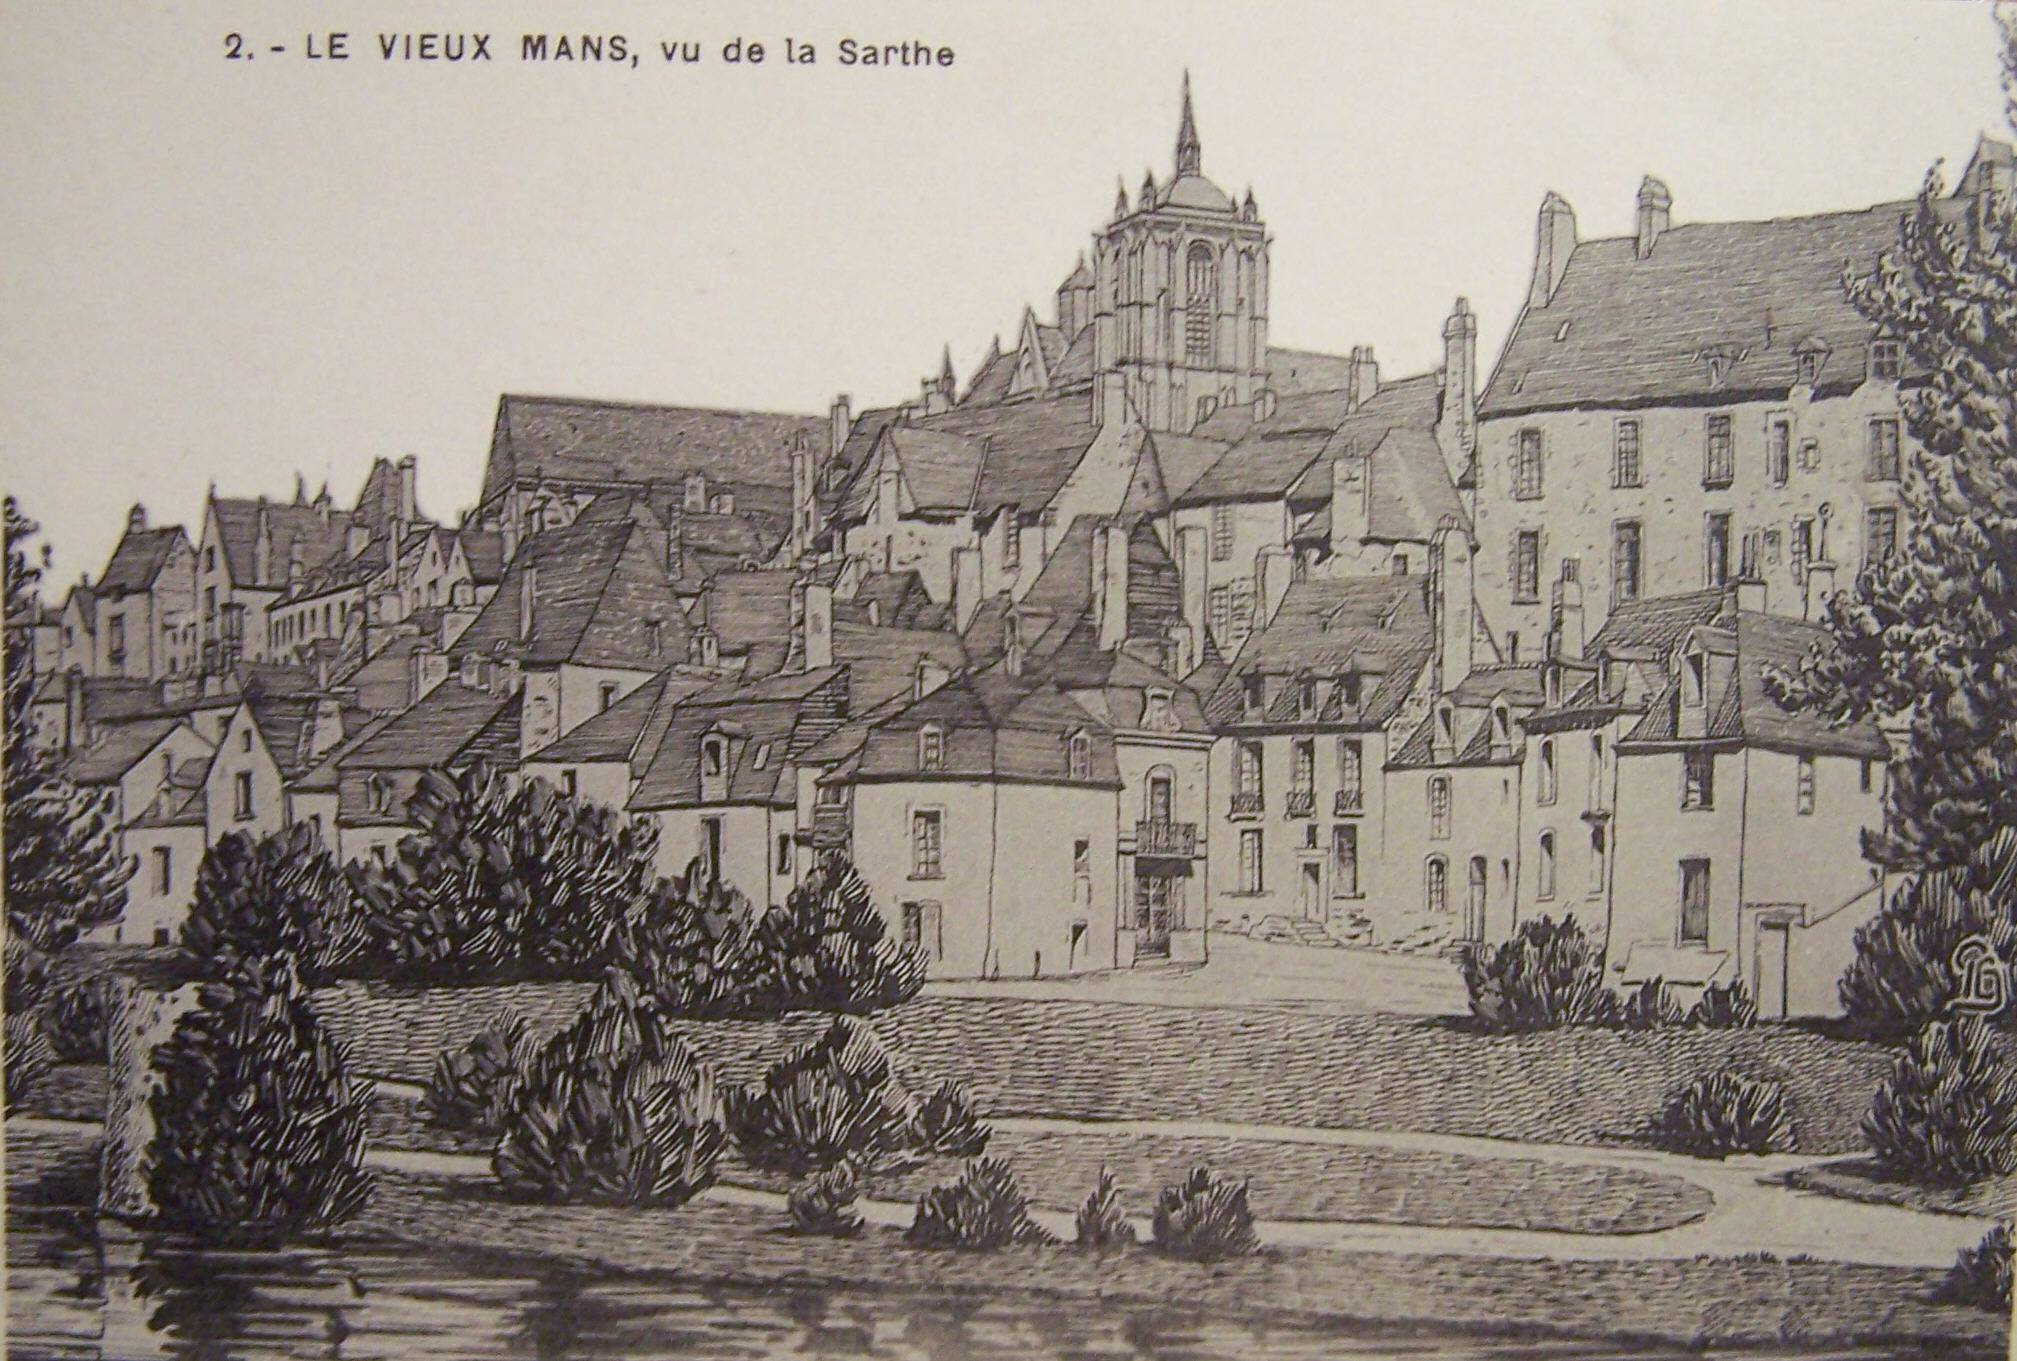 Le Vieux Mans - Le Vieux Mans, vu de la Sarthe